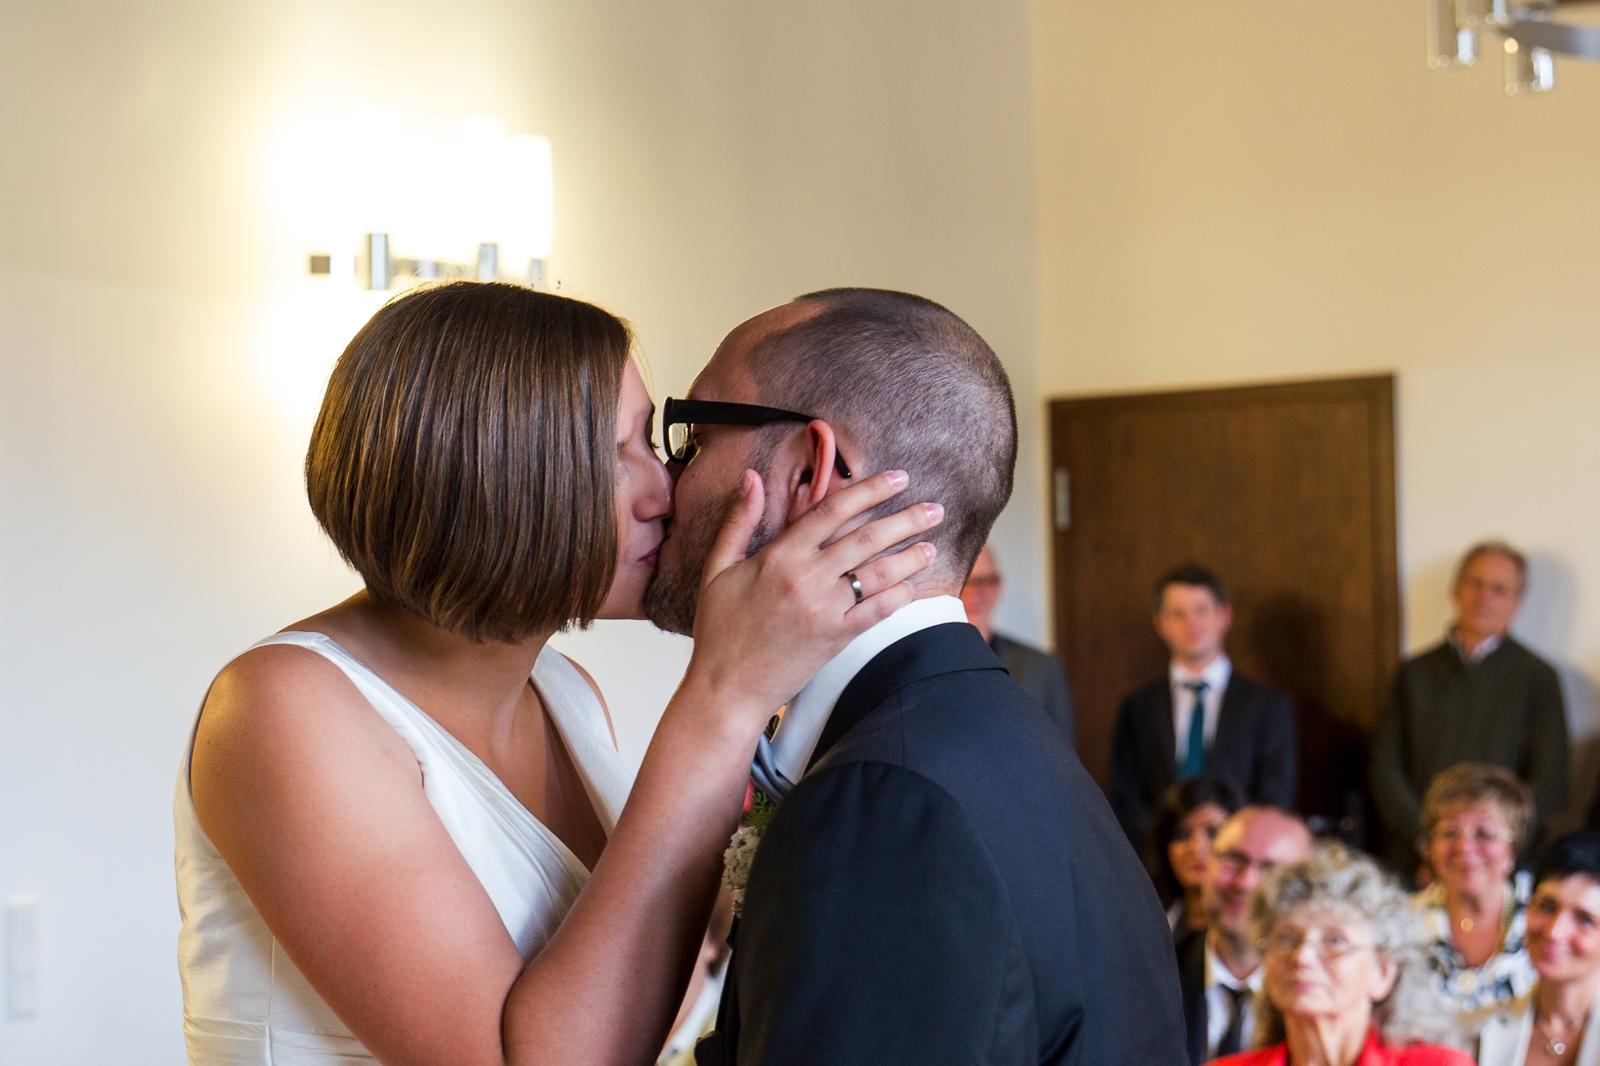 Monstergraphie_Hochzeitsreportage_Dortmund_Zeche_Zollern06.jpg?fit=1600%2C1066